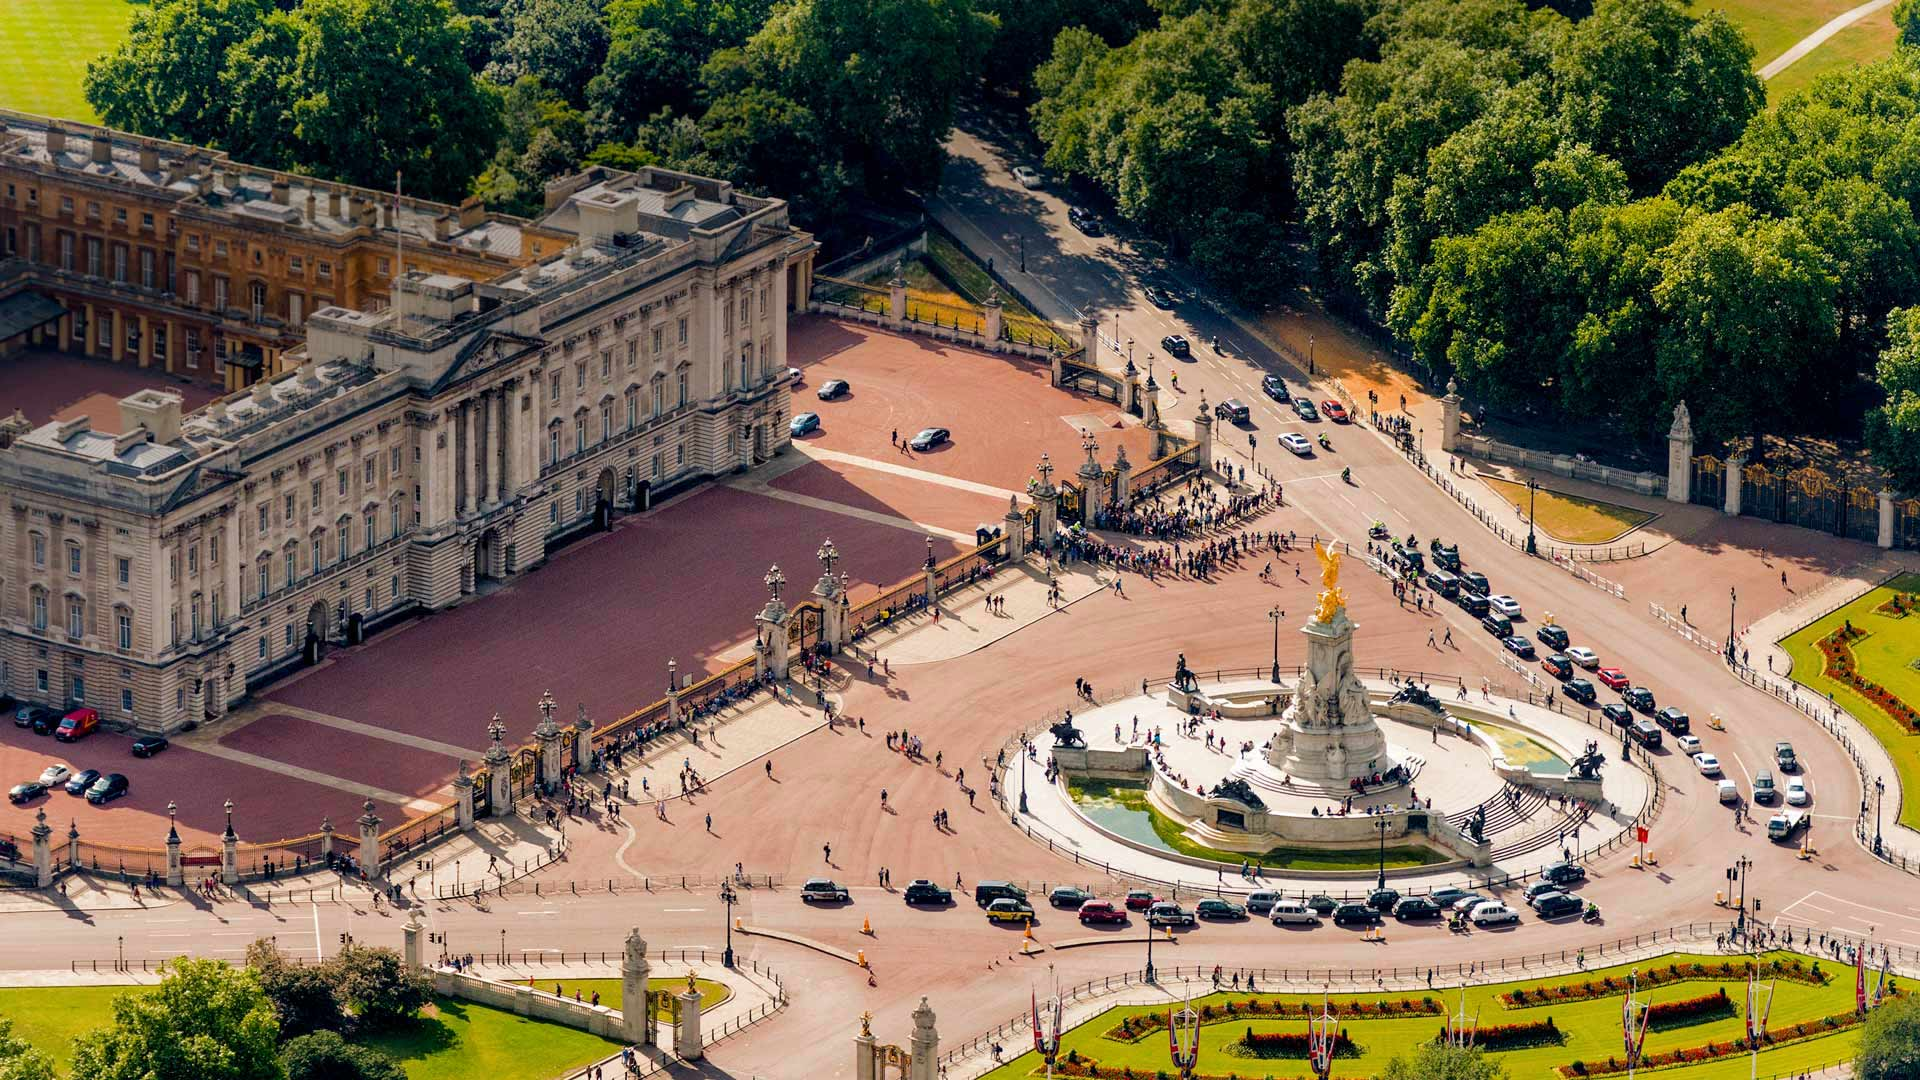 「バッキンガム宮殿とクイーンビクトリア記念碑」イギリス, ロンドン (© CTC Creative/Offset)